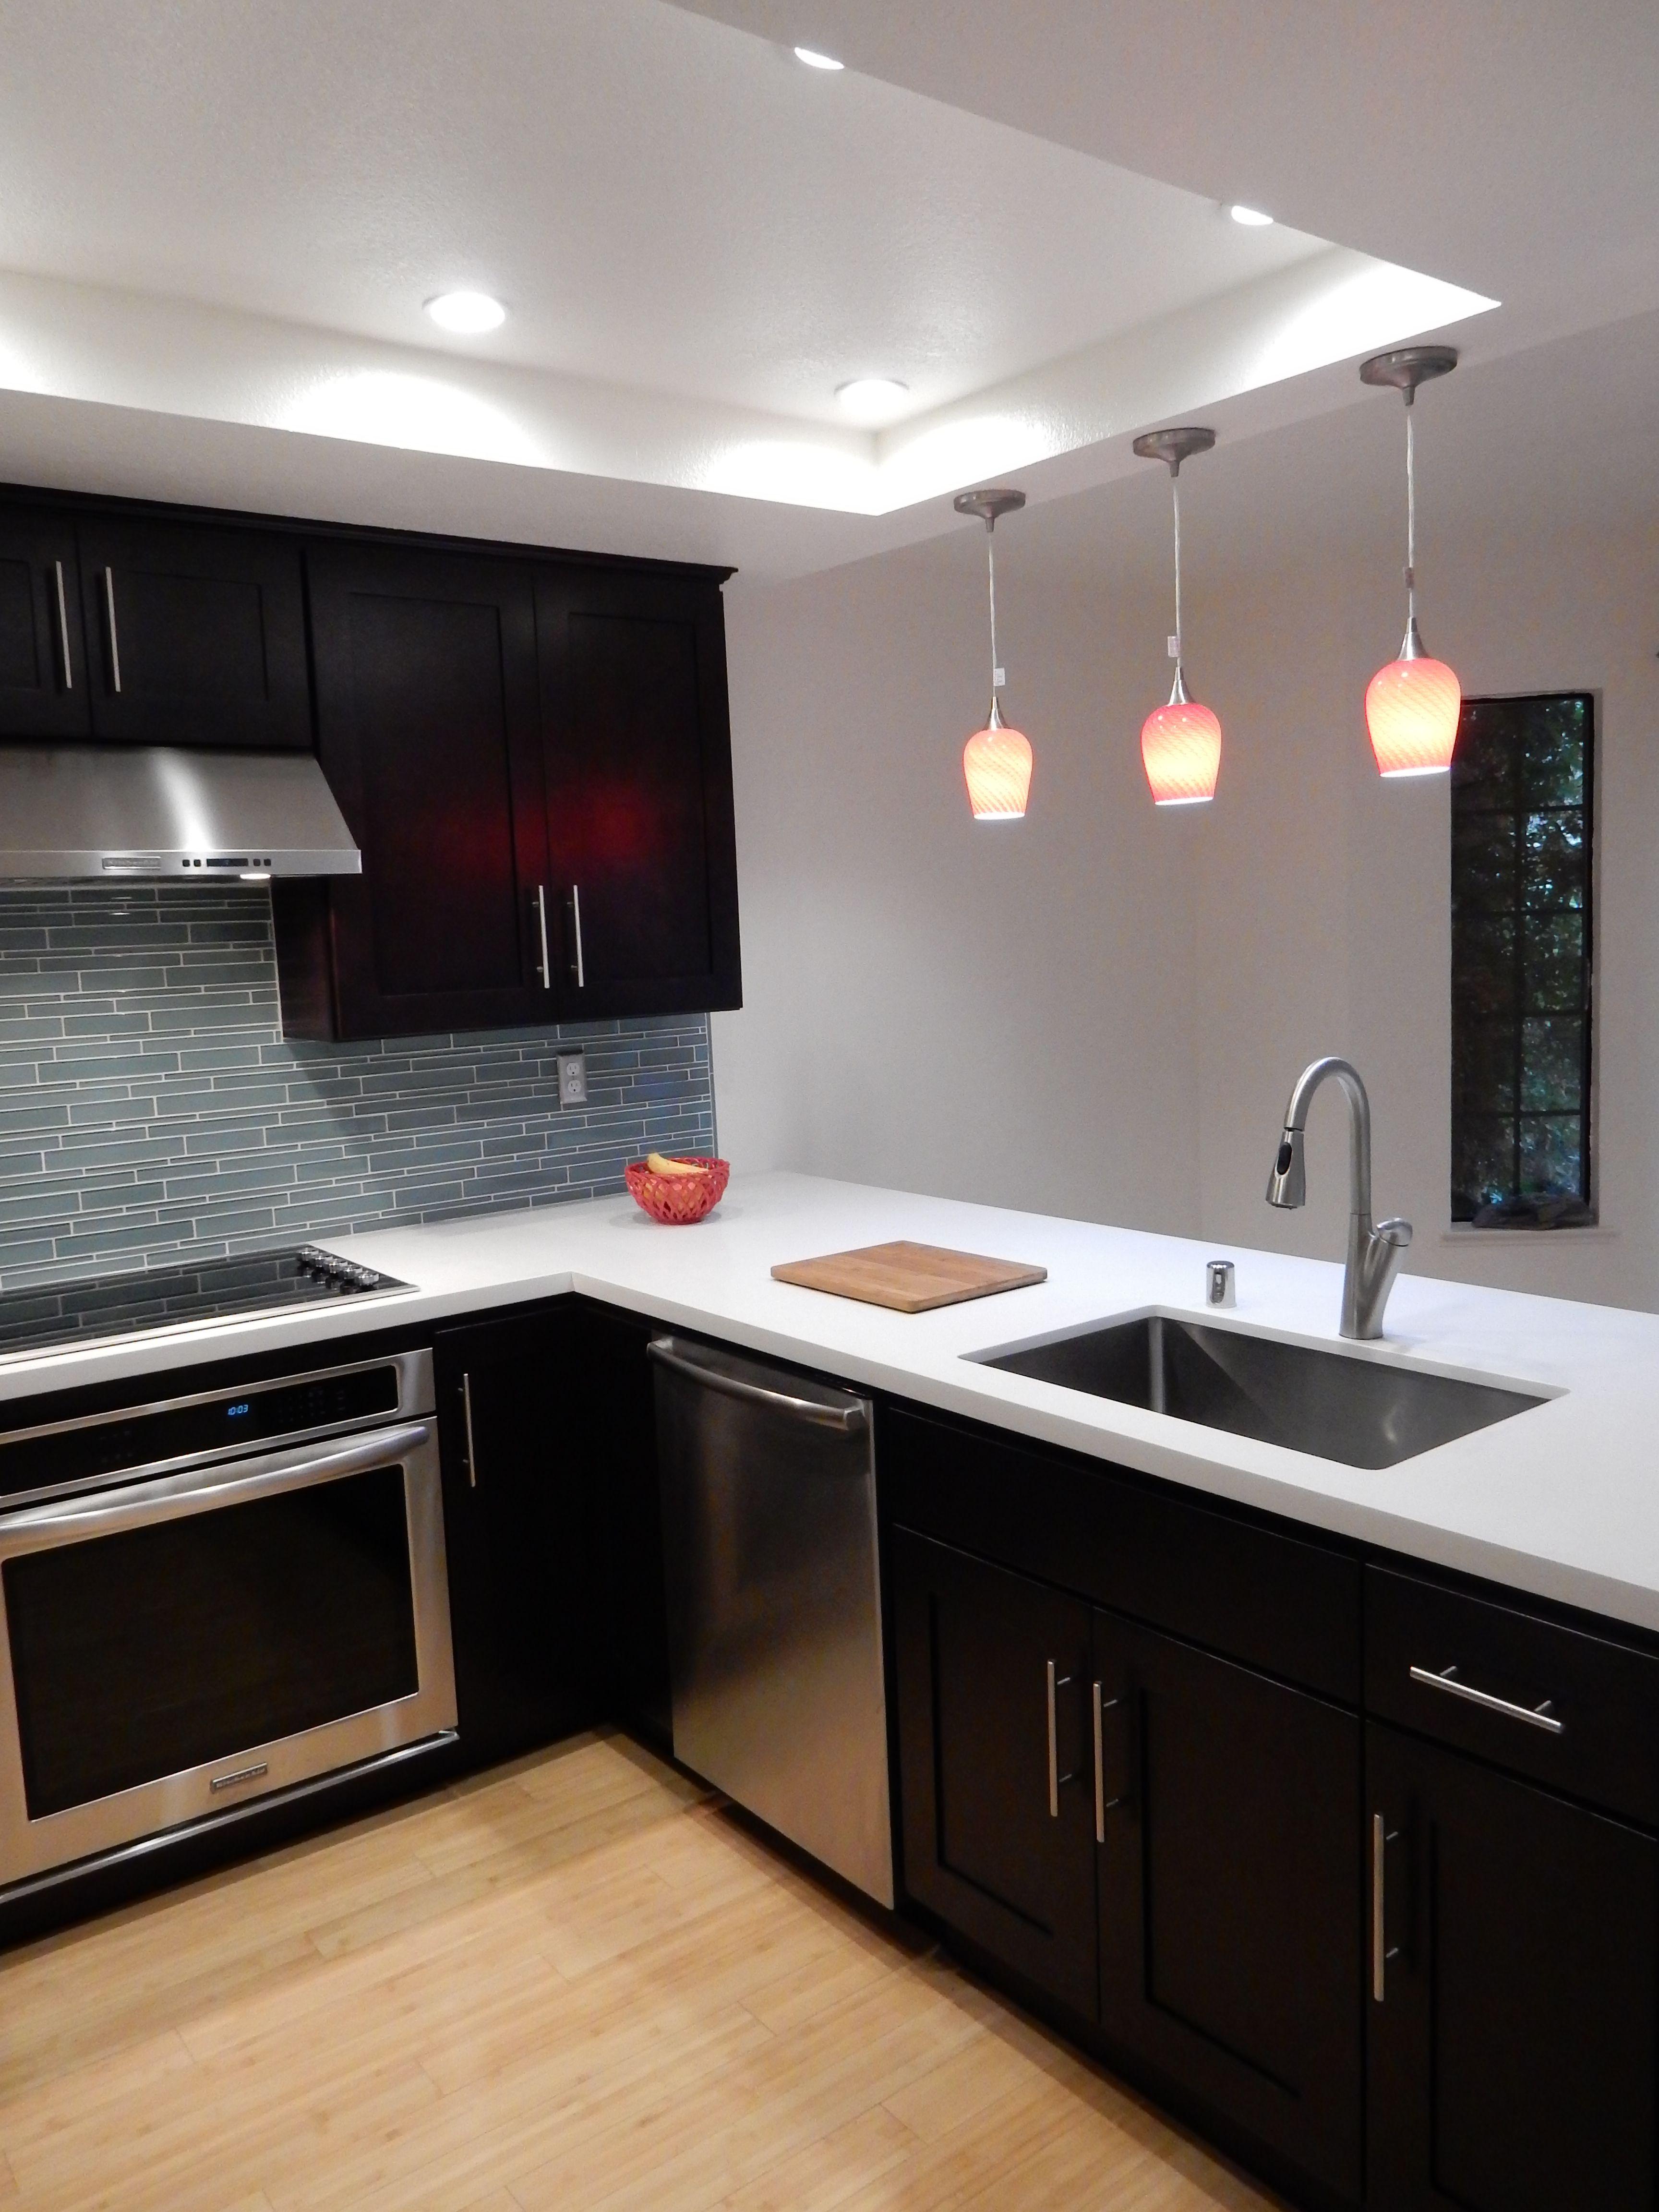 Espresso cabinets  White quartz countertops  Glass back